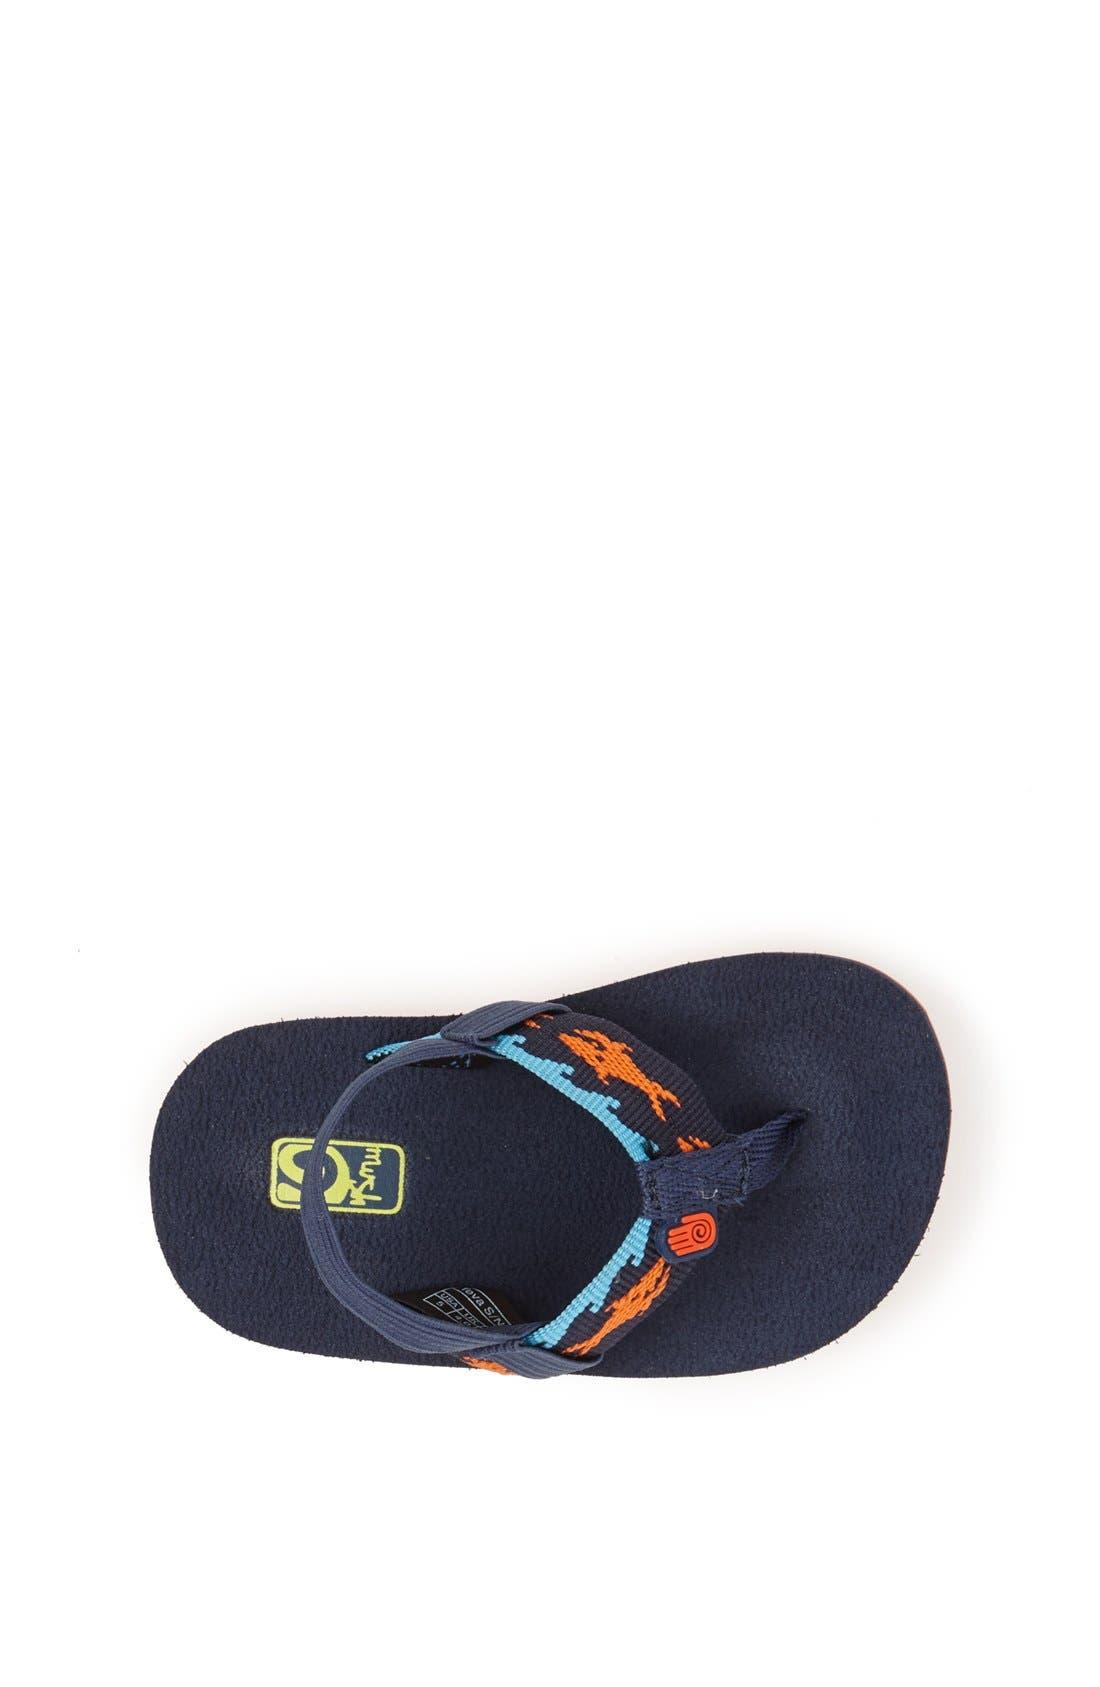 Alternate Image 3  - Teva 'Mush' Sandal (Baby & Walker)